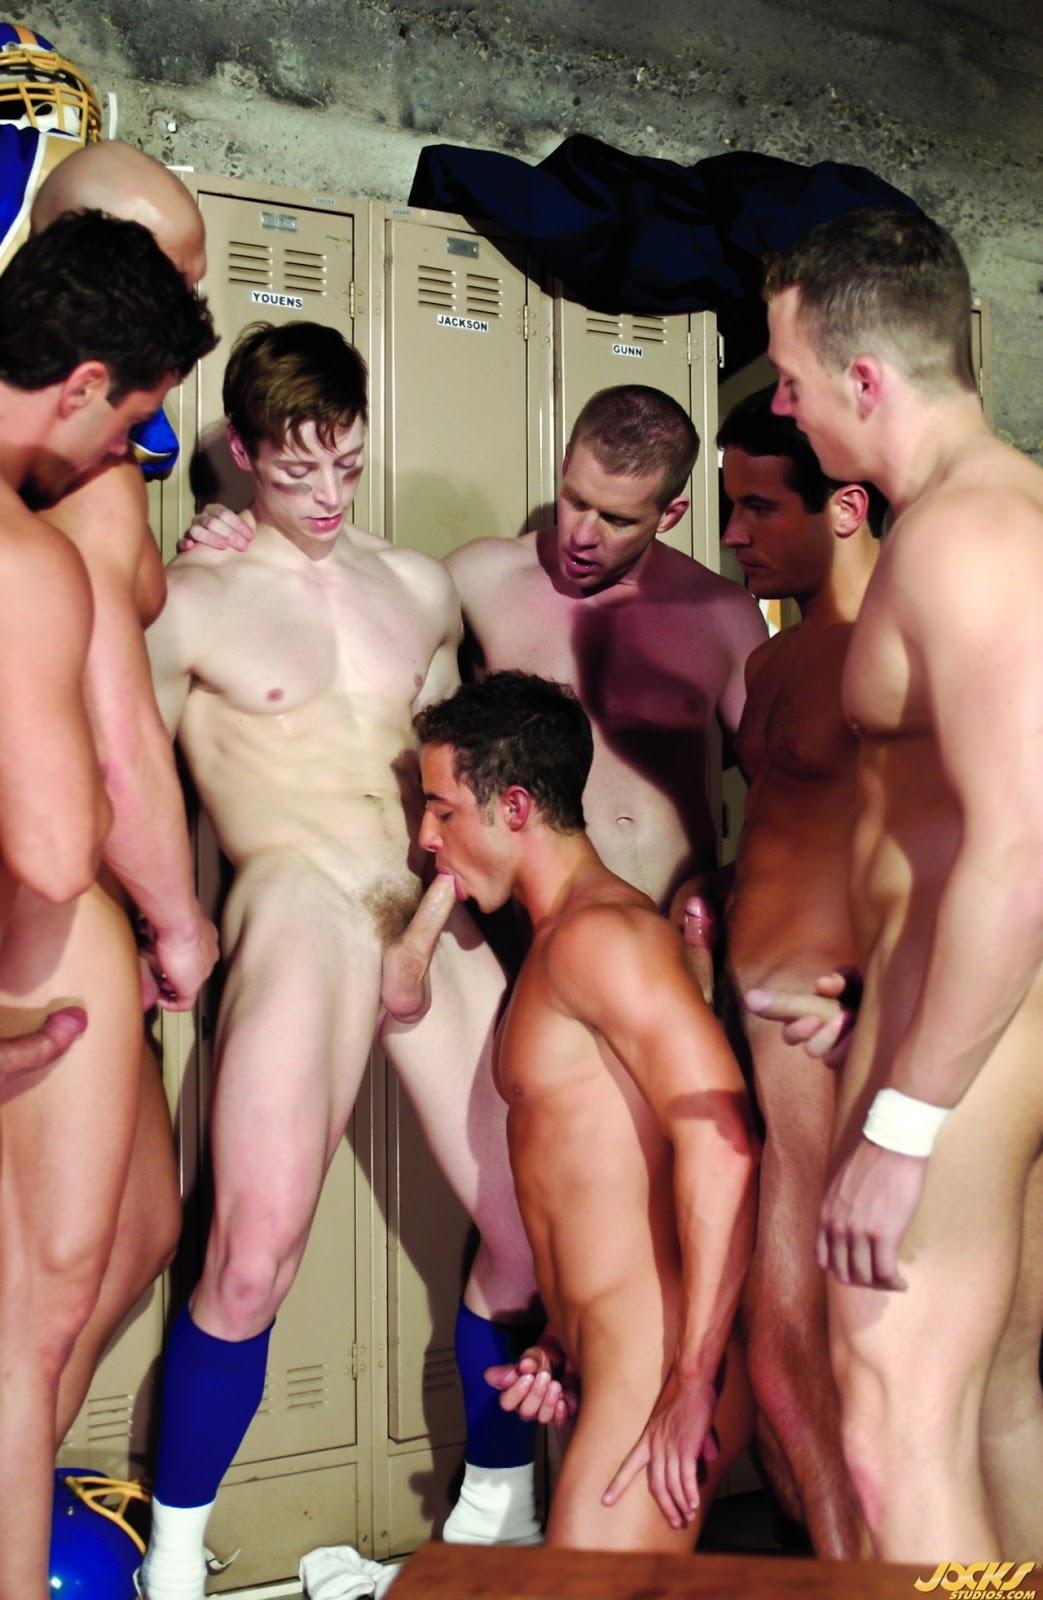 Думаю, геи групповуха вк весьма